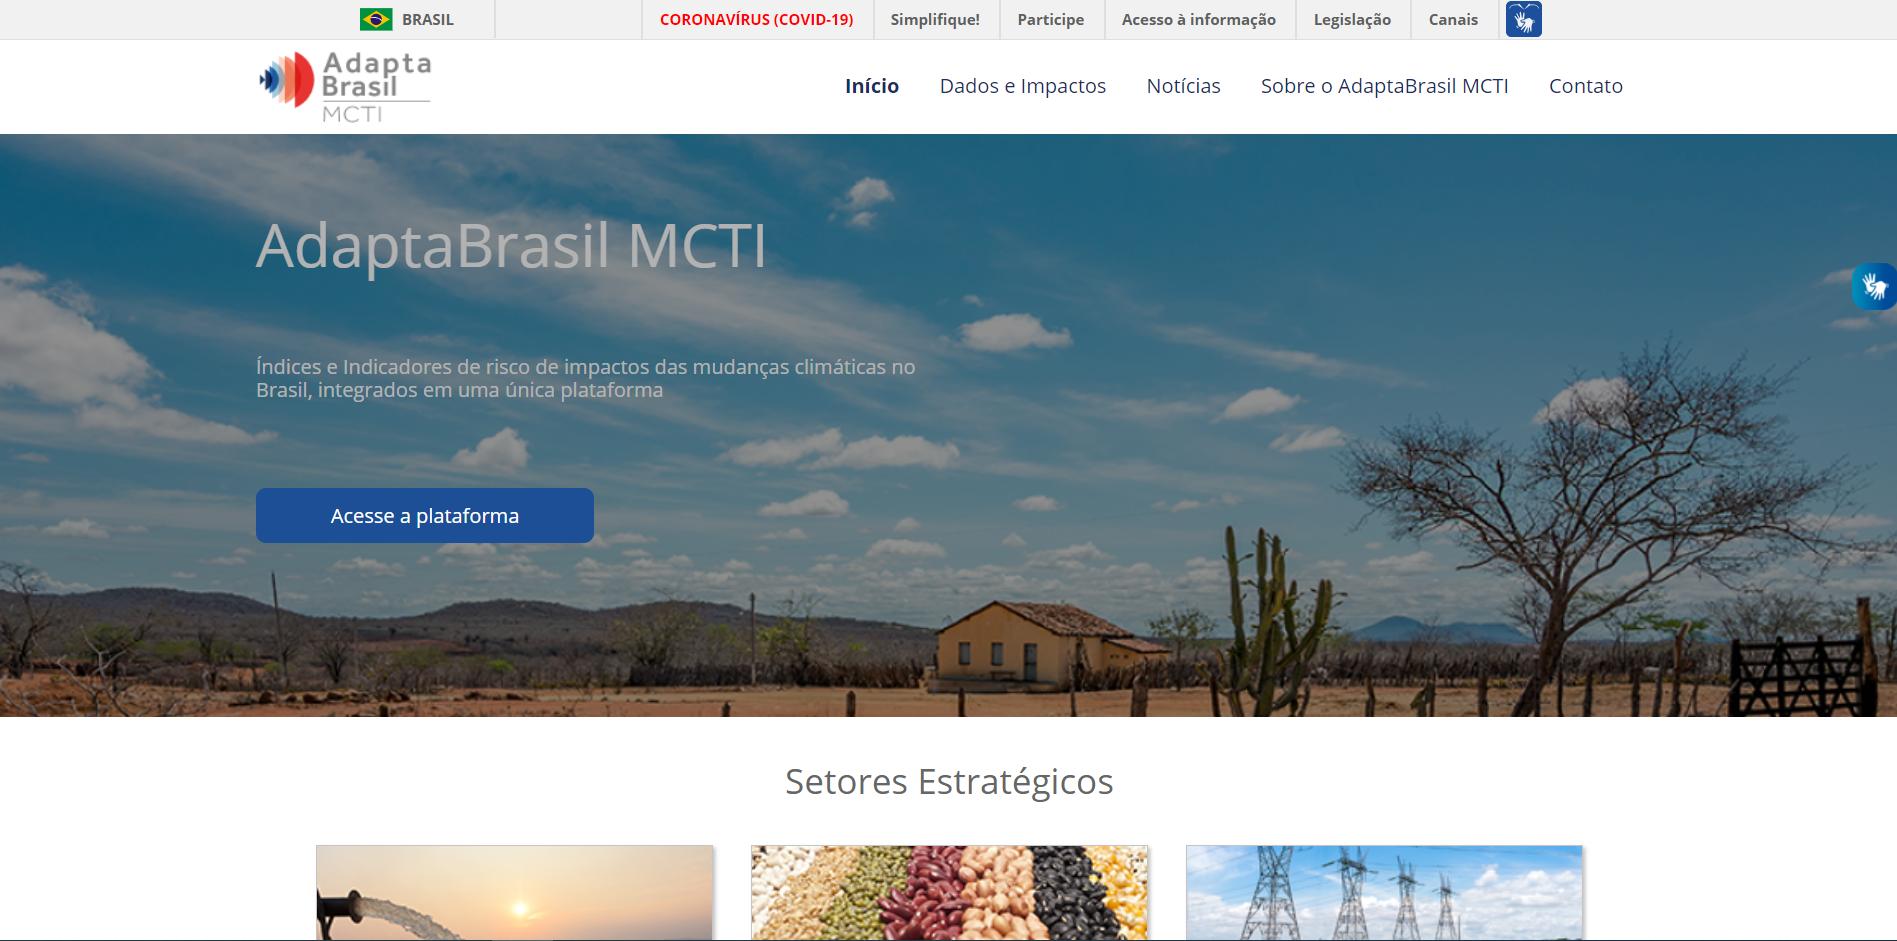 Impactos das mudanças climáticas, adaptação e políticas públicas: AdaptaBrasil MCTI é lançado